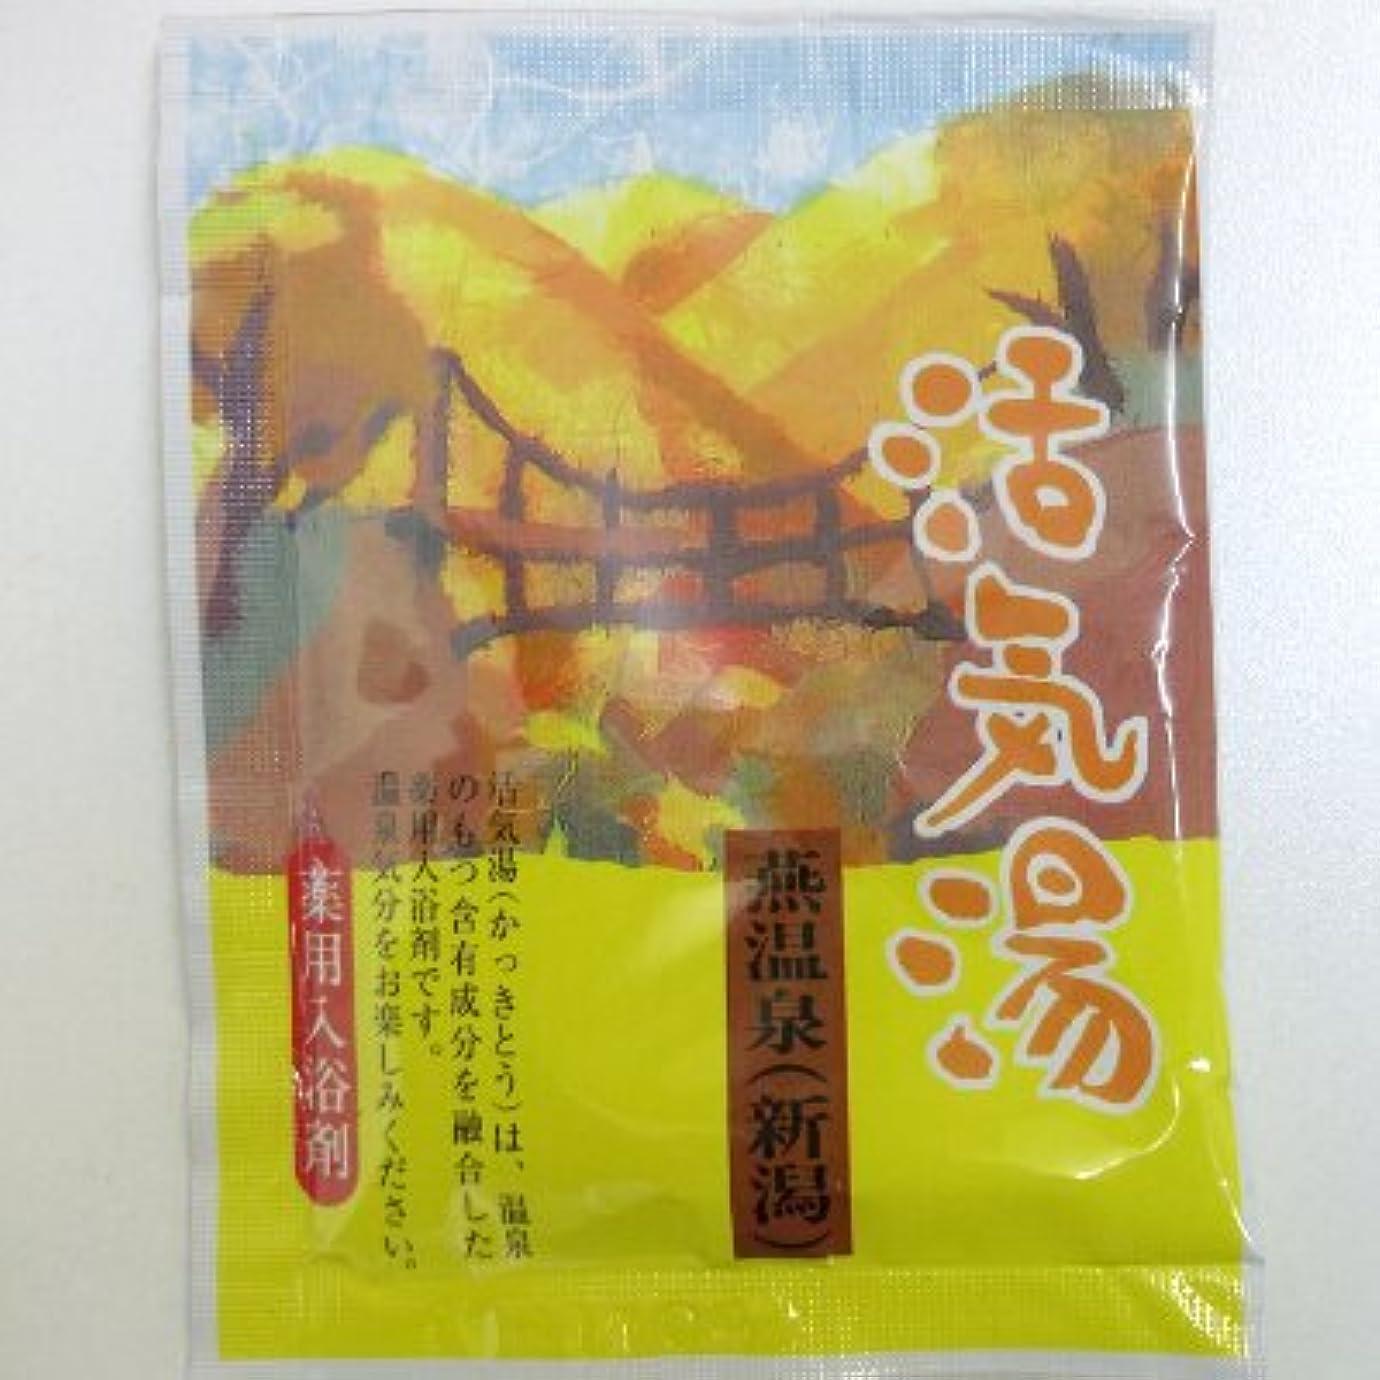 ラフ睡眠クラフトレベル活気湯 燕温泉(シトラス)